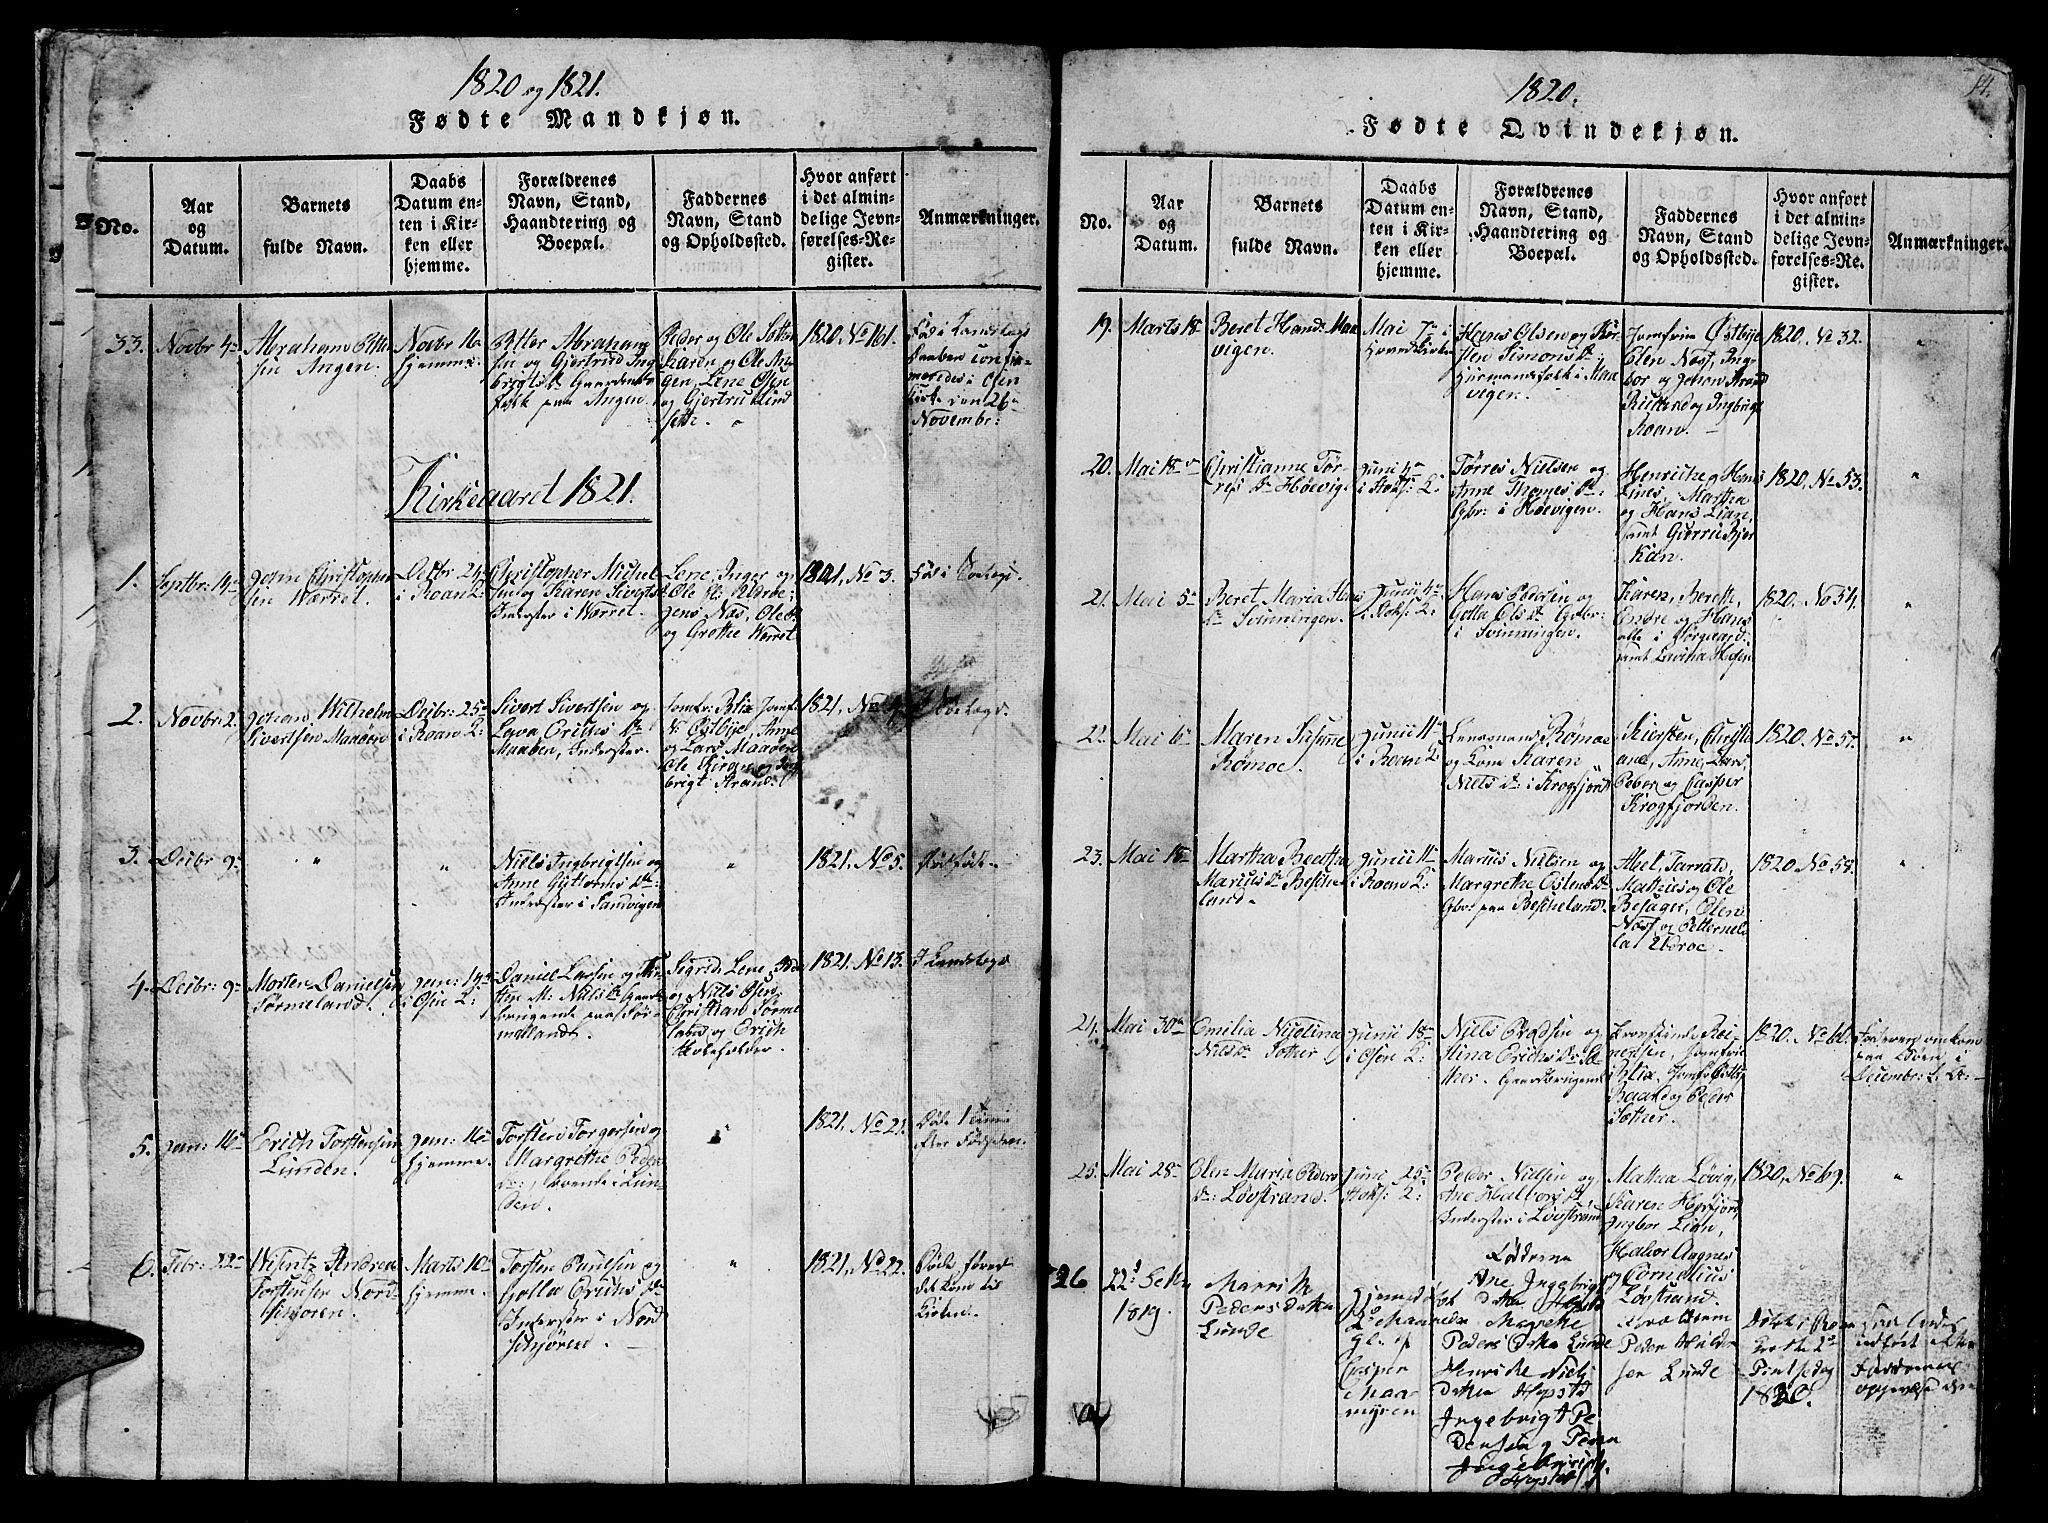 SAT, Ministerialprotokoller, klokkerbøker og fødselsregistre - Sør-Trøndelag, 657/L0714: Klokkerbok nr. 657C01, 1818-1868, s. 14